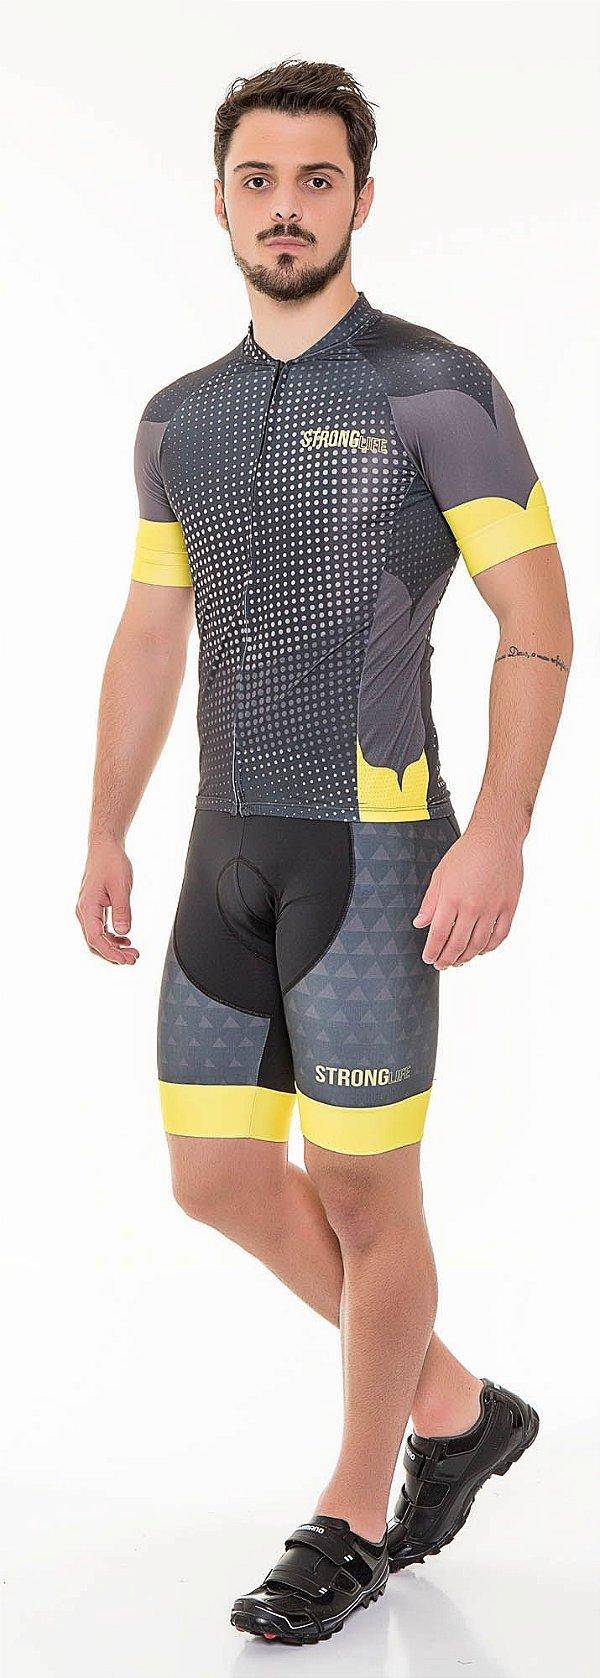 Camisa de Ciclismo Masculina SLIM - Preto com amarelo, Laranja ou Azul S126-44